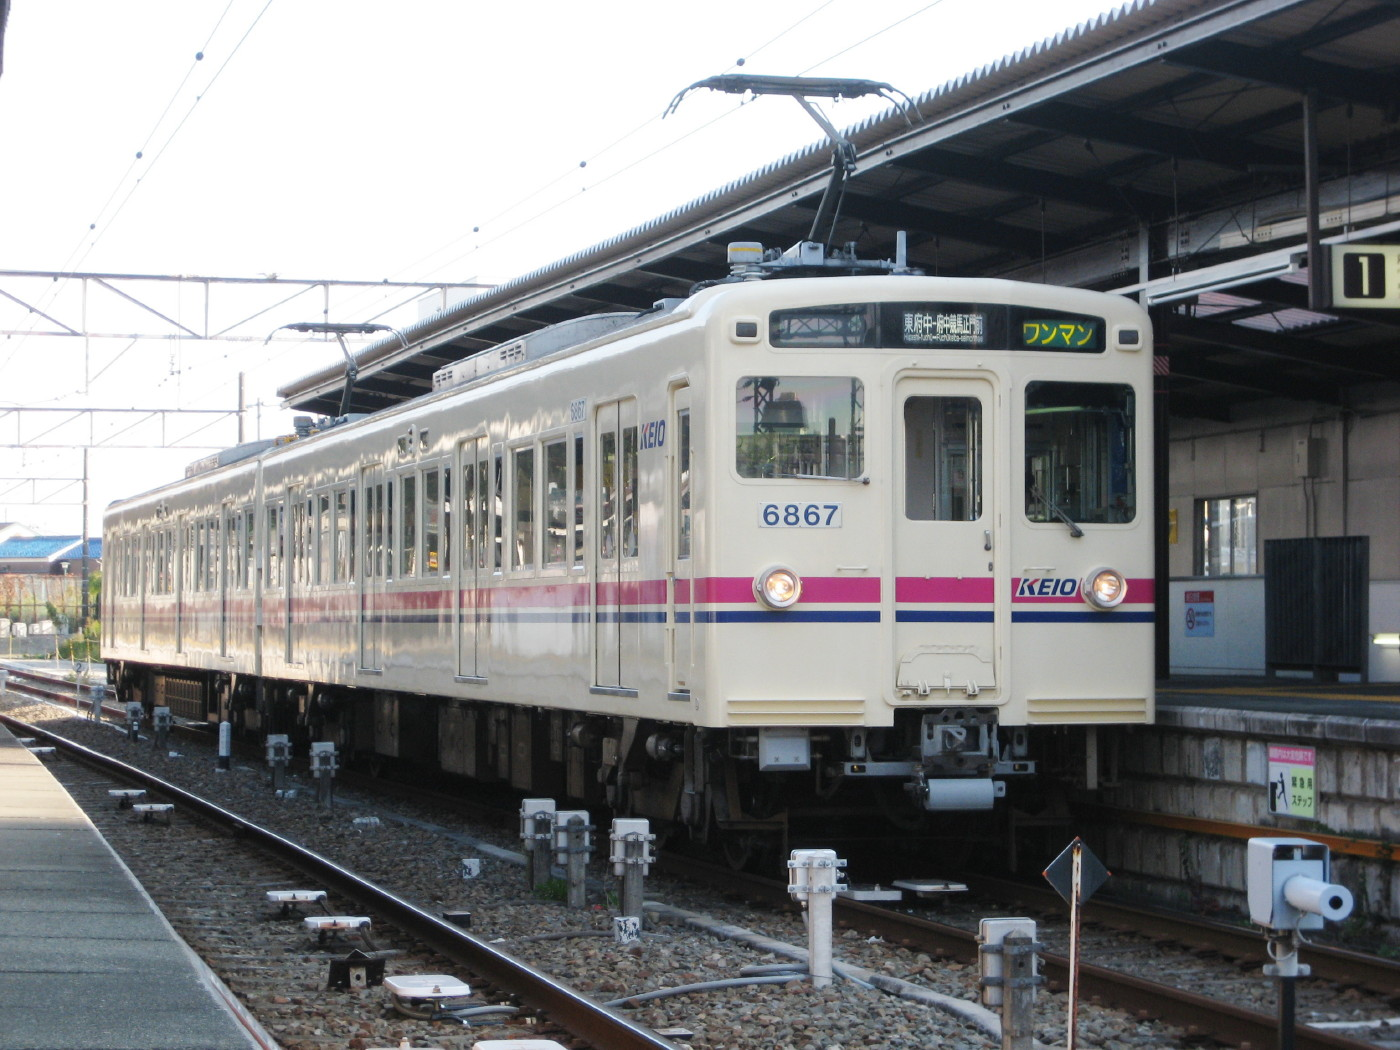 吊り掛け電車をもとめて: 前パン京王6000系電車